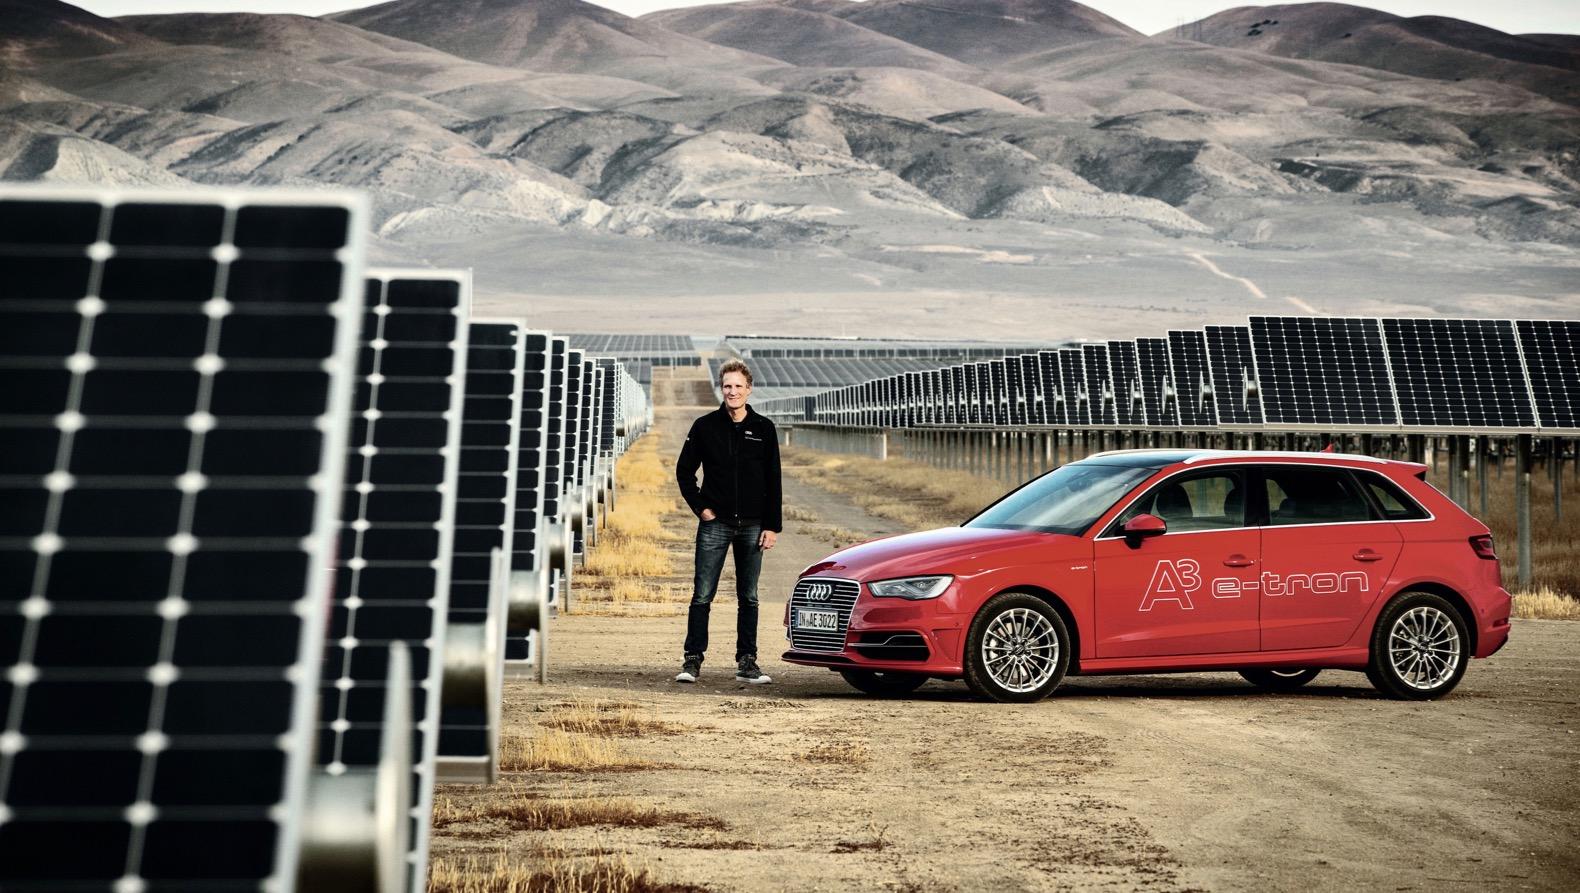 Audi оснастит автомобили солнечными батареями 1